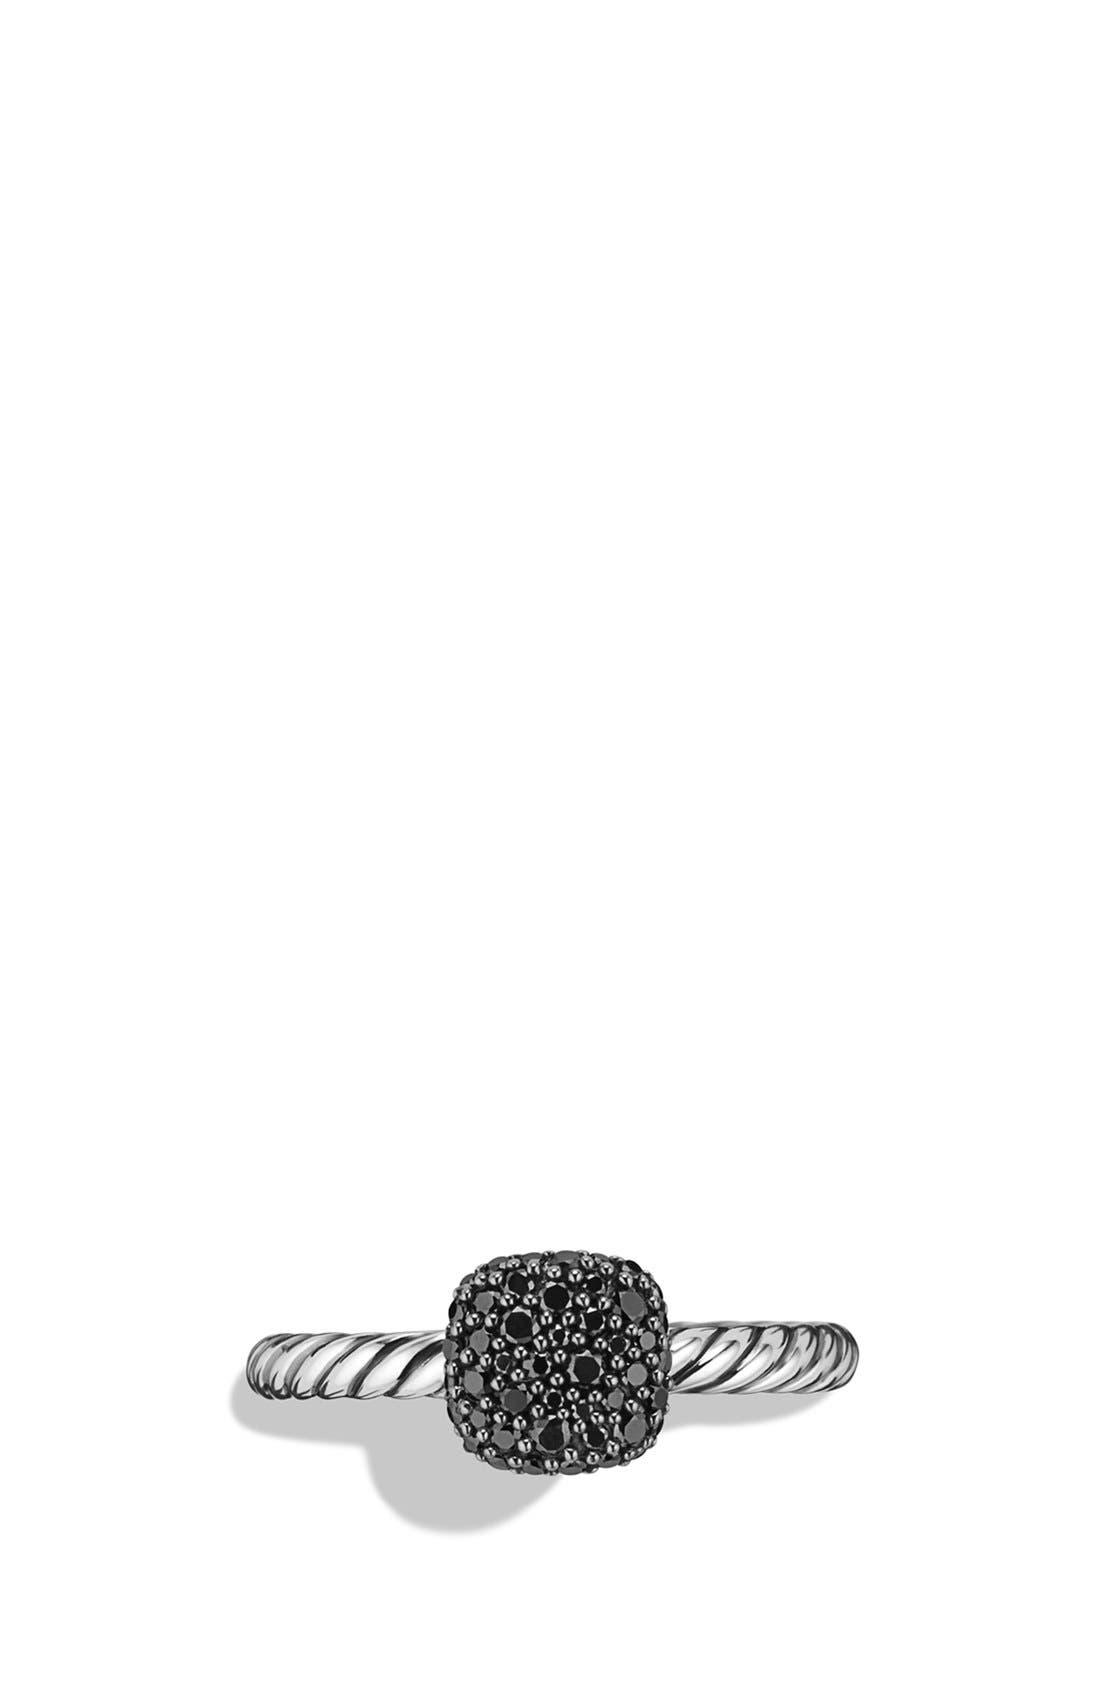 Alternate Image 2  - David Yurman 'Pavé' Cushion Ring with Black Diamonds